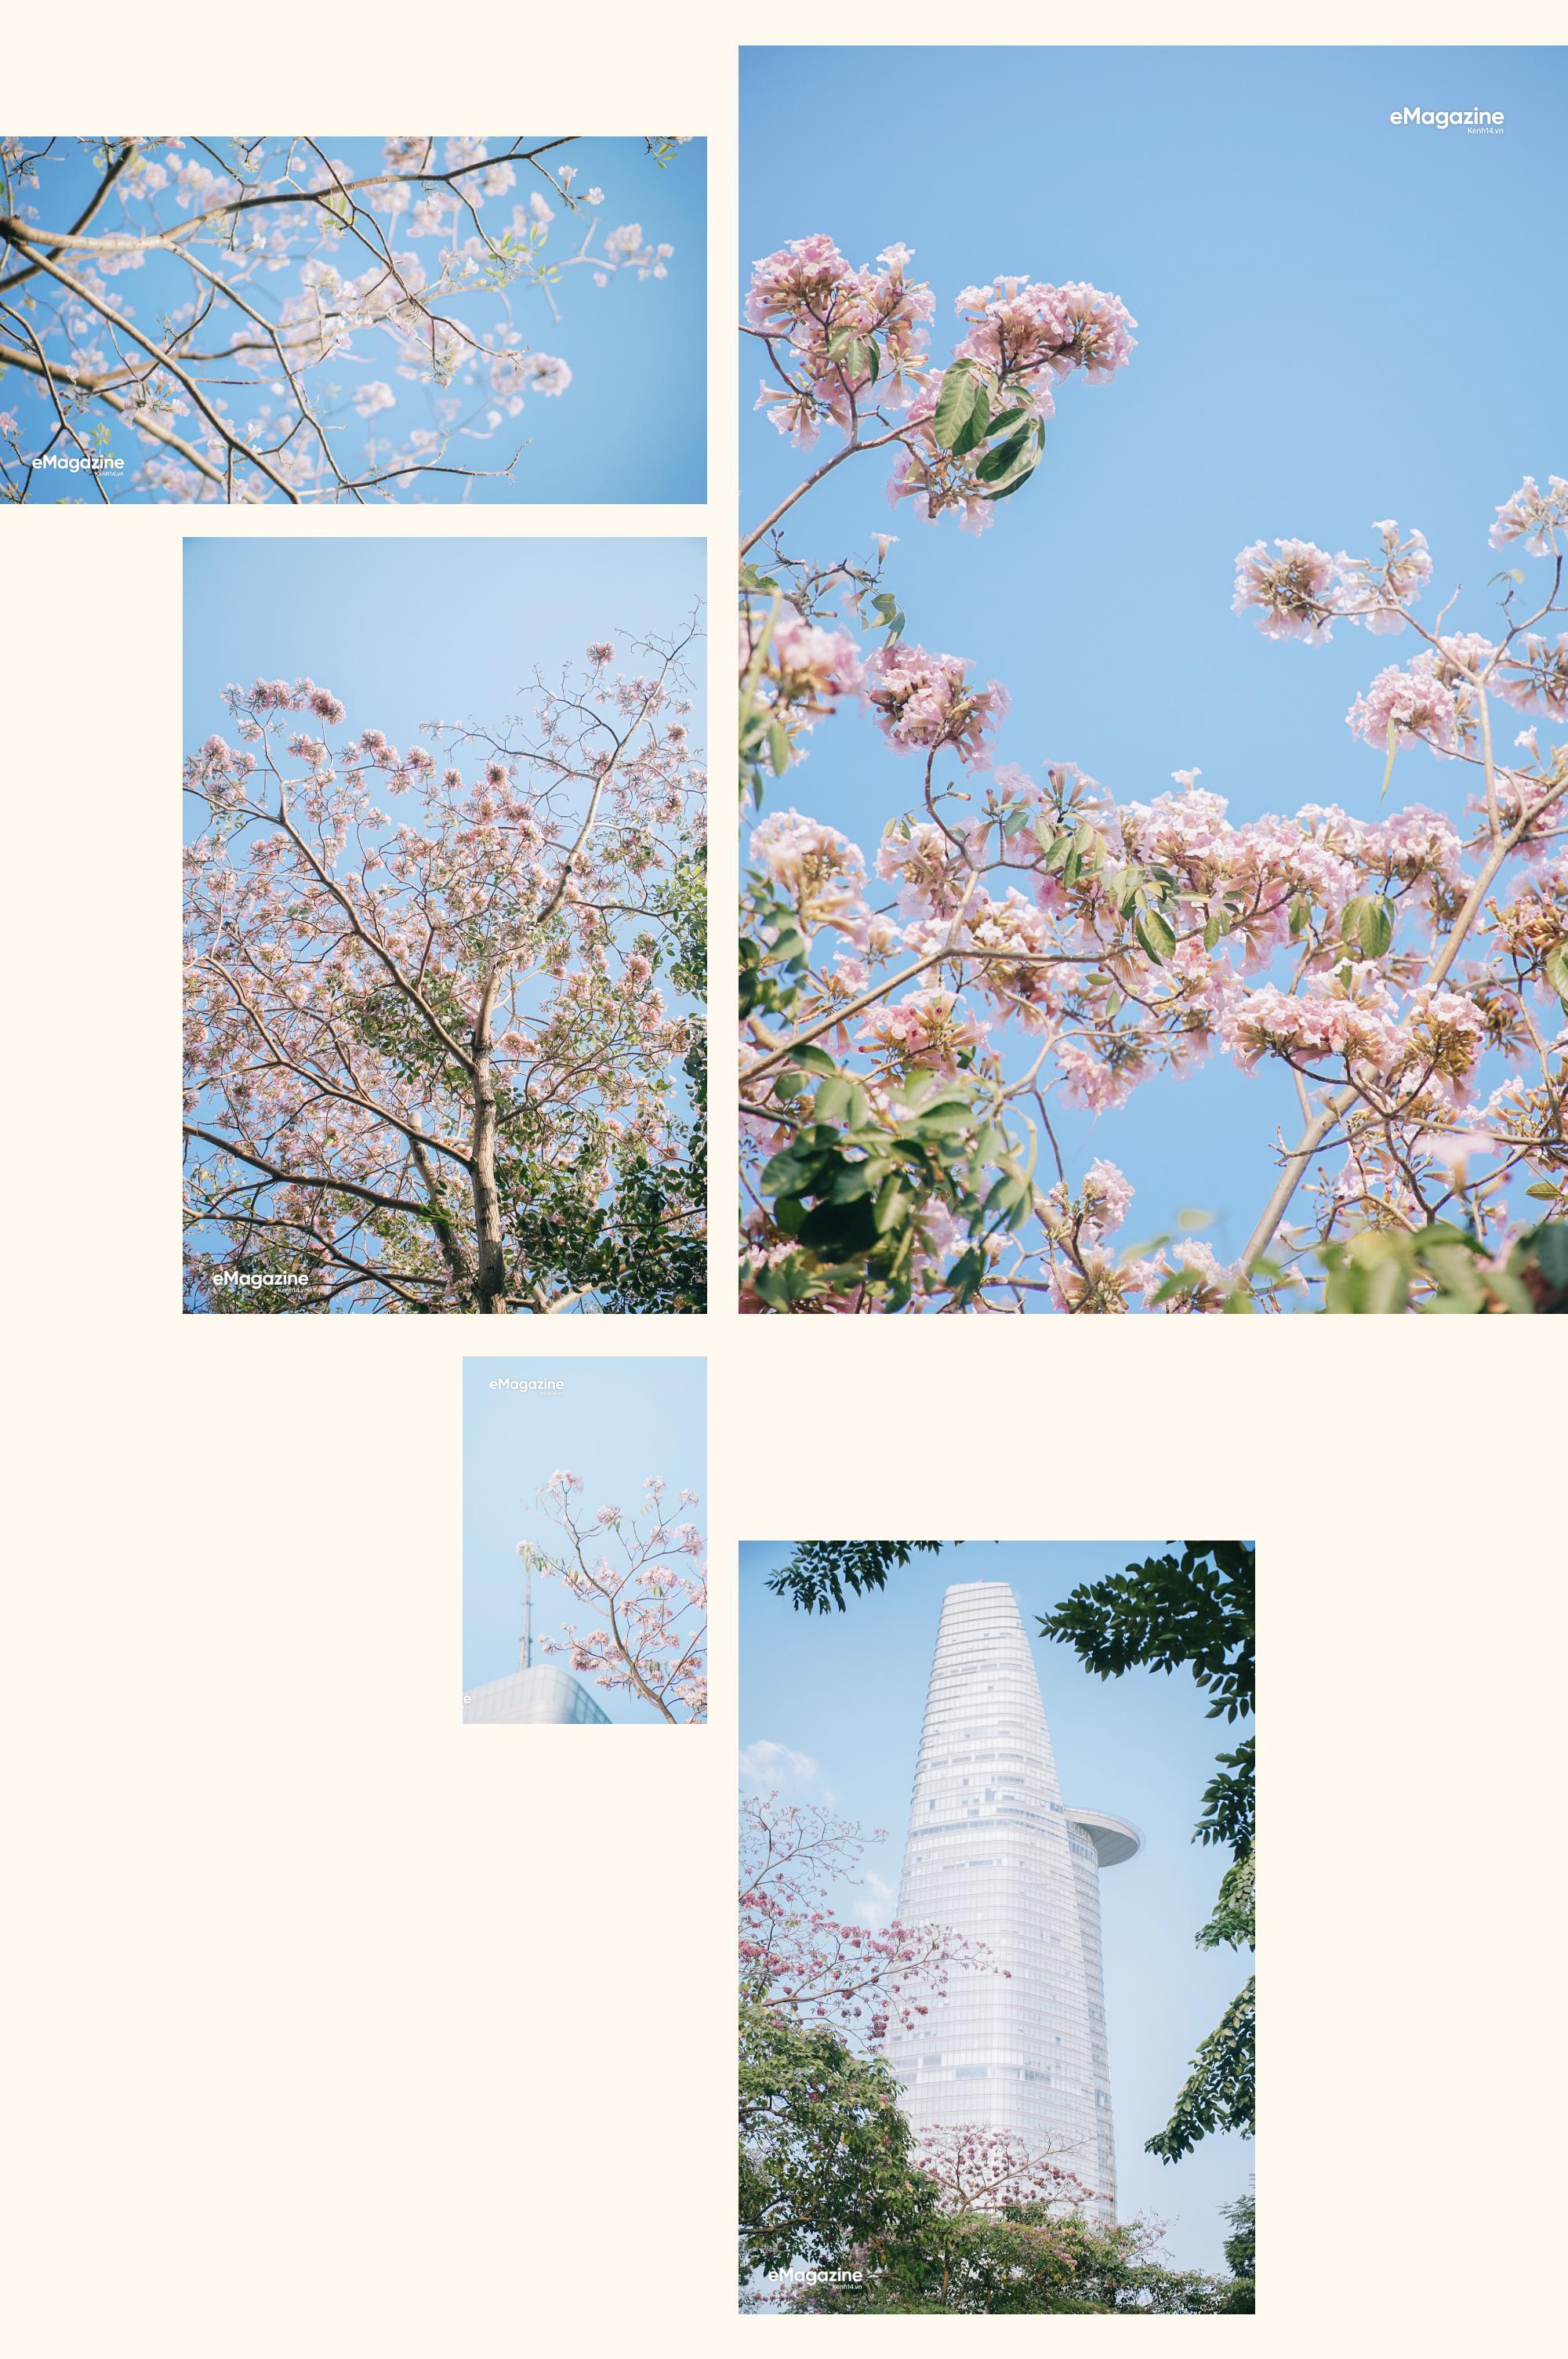 Hà Nội, Sài Gòn những ngày giao mùa: Hoa bay rợp trời làm lòng mình dịu lại - Ảnh 8.